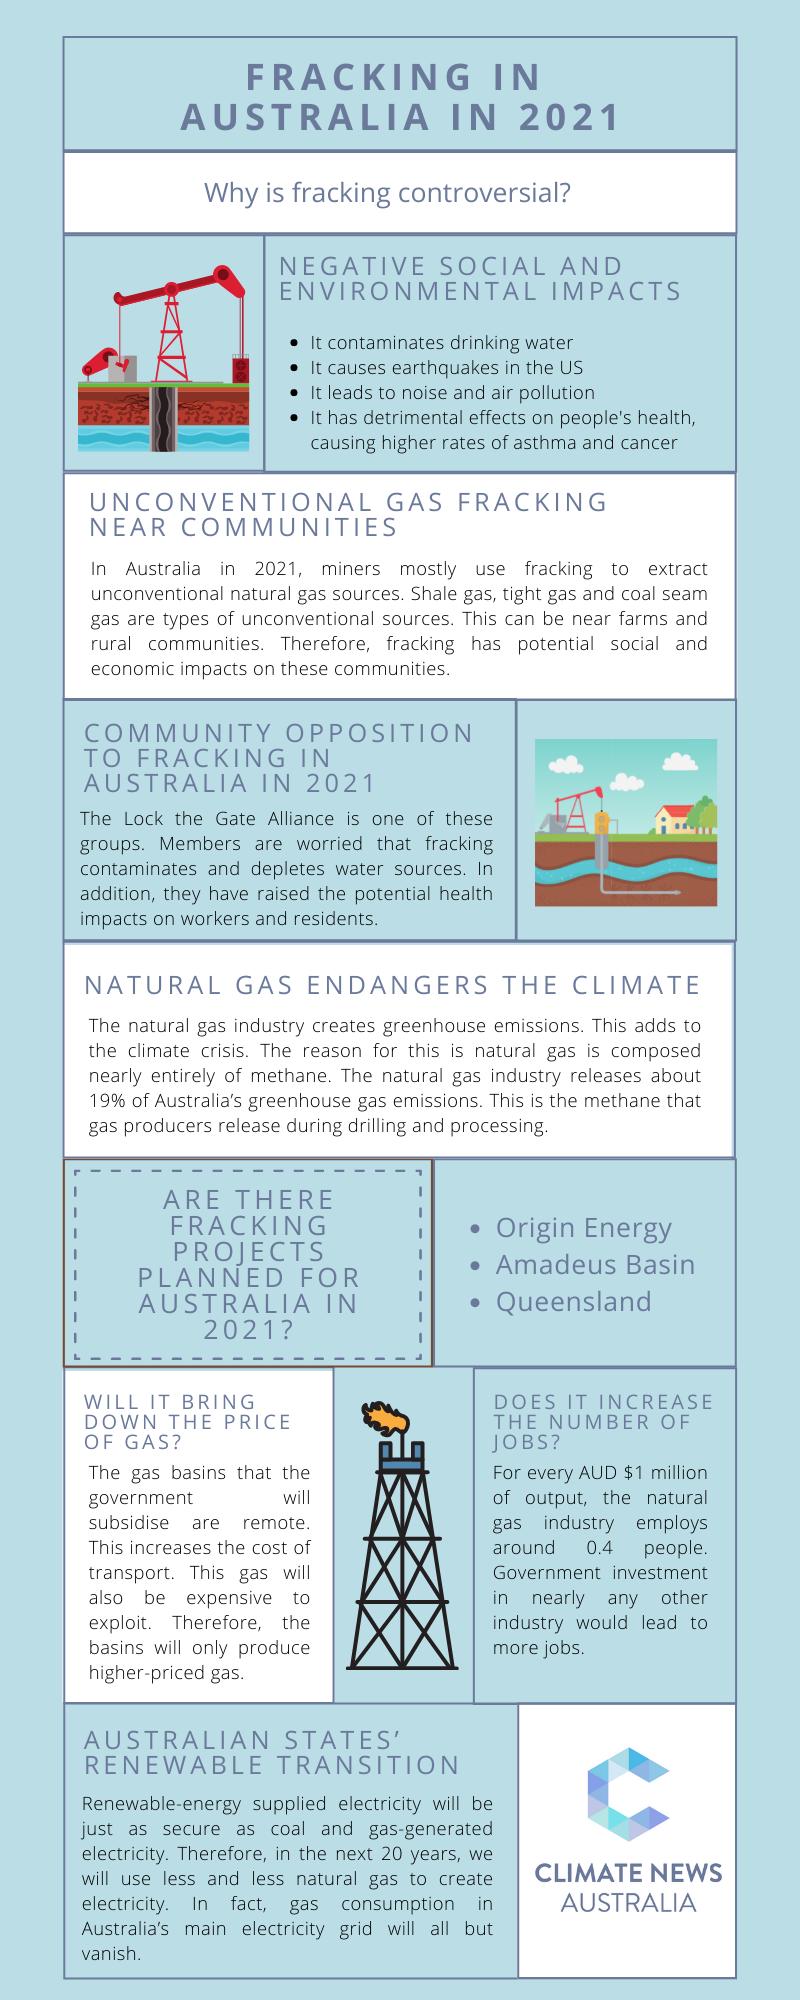 Fracking in Australia in 2021